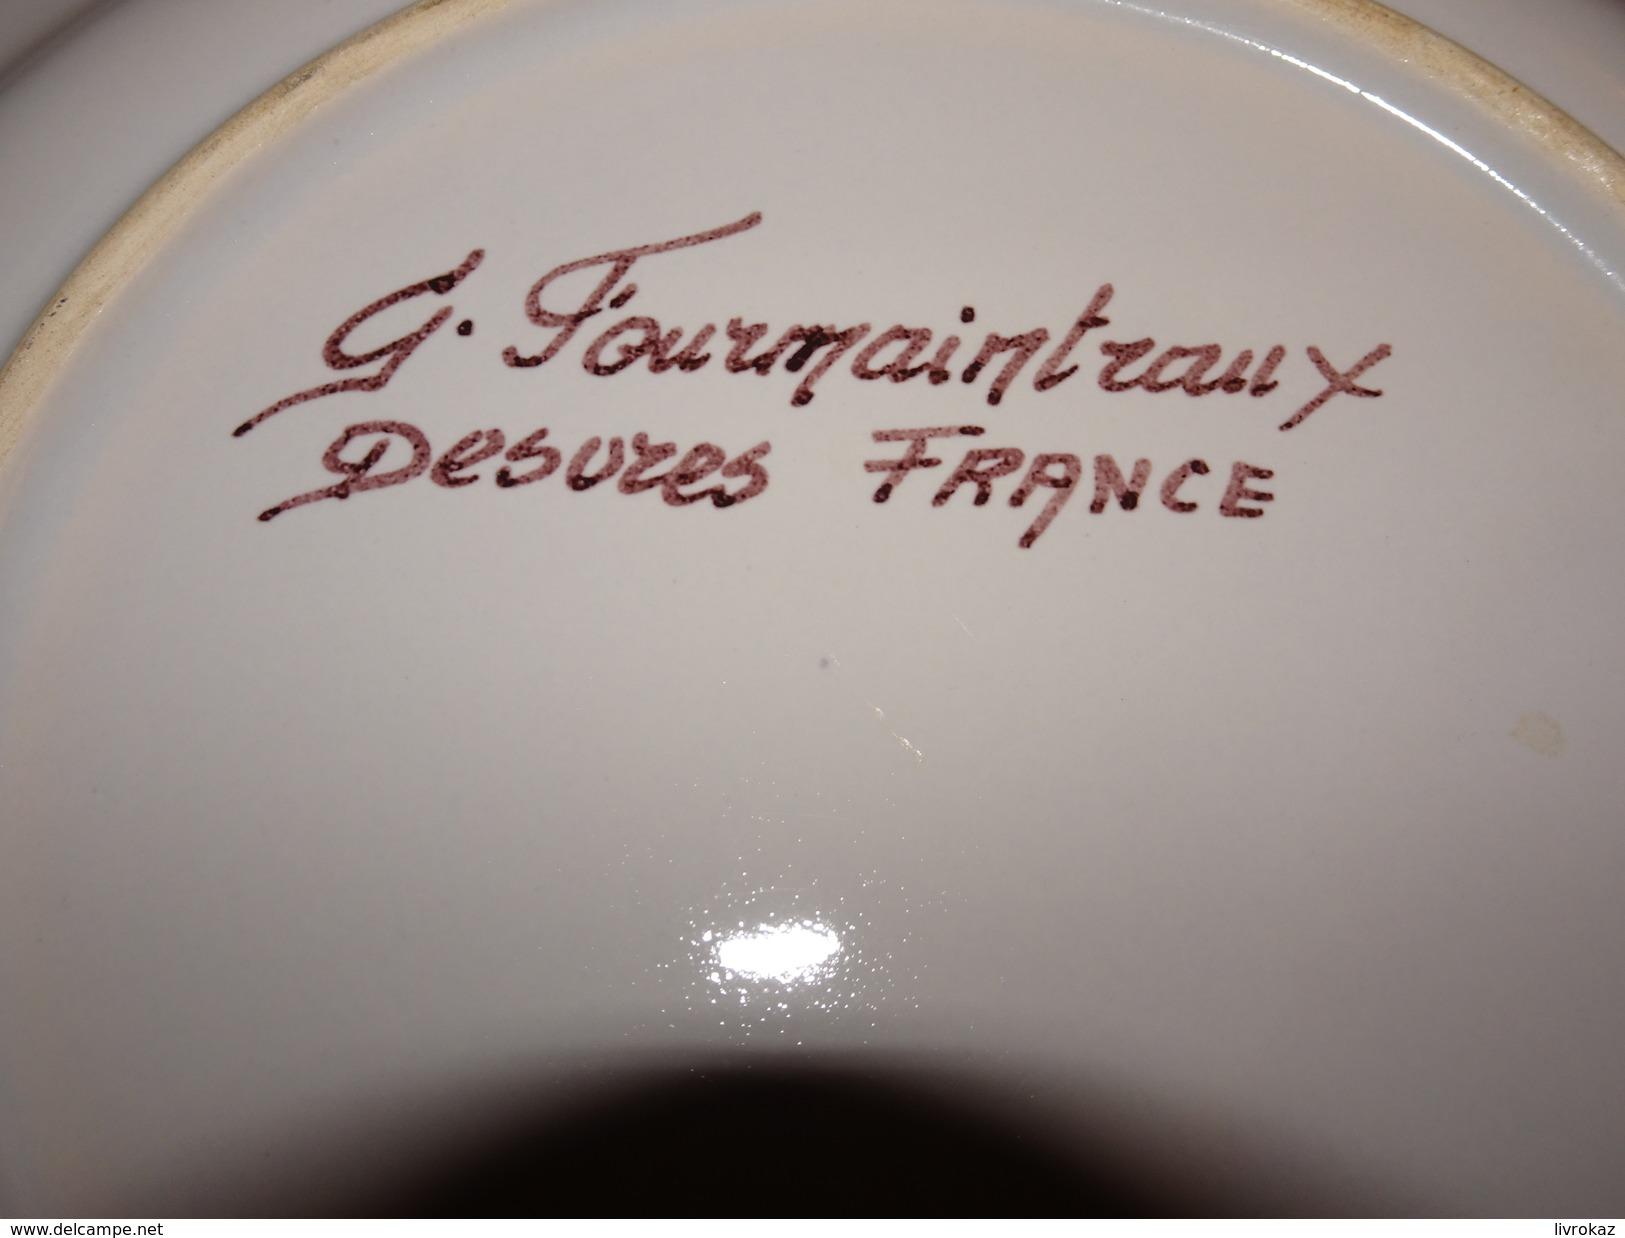 Assiette Bouquet Provincial Guerbigny, Somme, 1963, Tir à L'arc, Archerie, Beursault, Eglise St Pierre, Louis Pesert - Tir à L'Arc